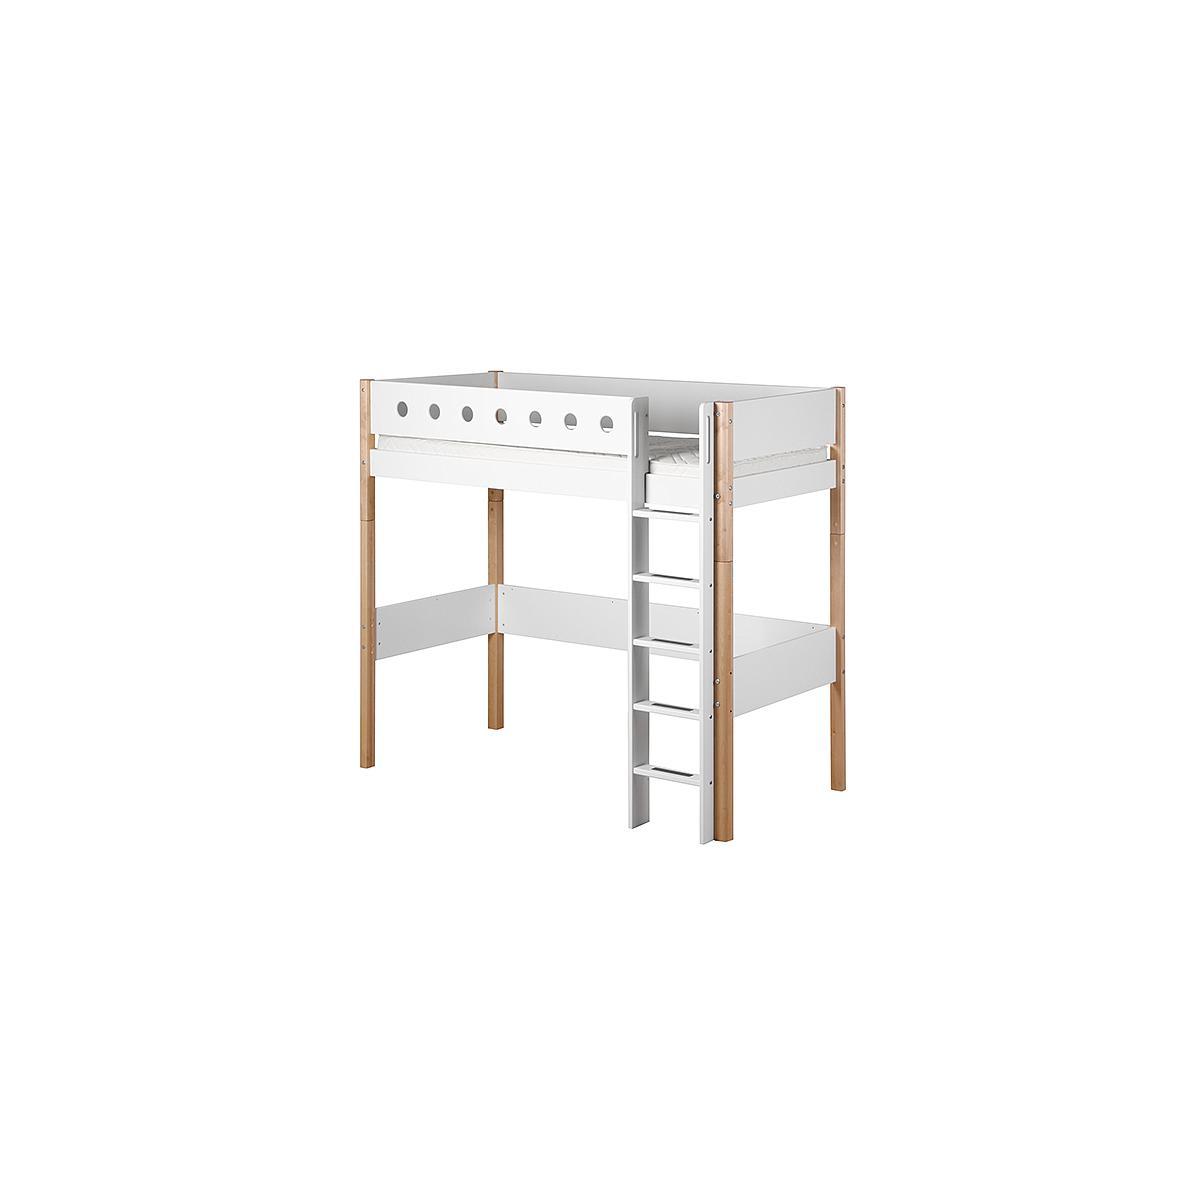 Cama alta 90x200 WHITE Flexa escalera recta barrera blanca patas abedul